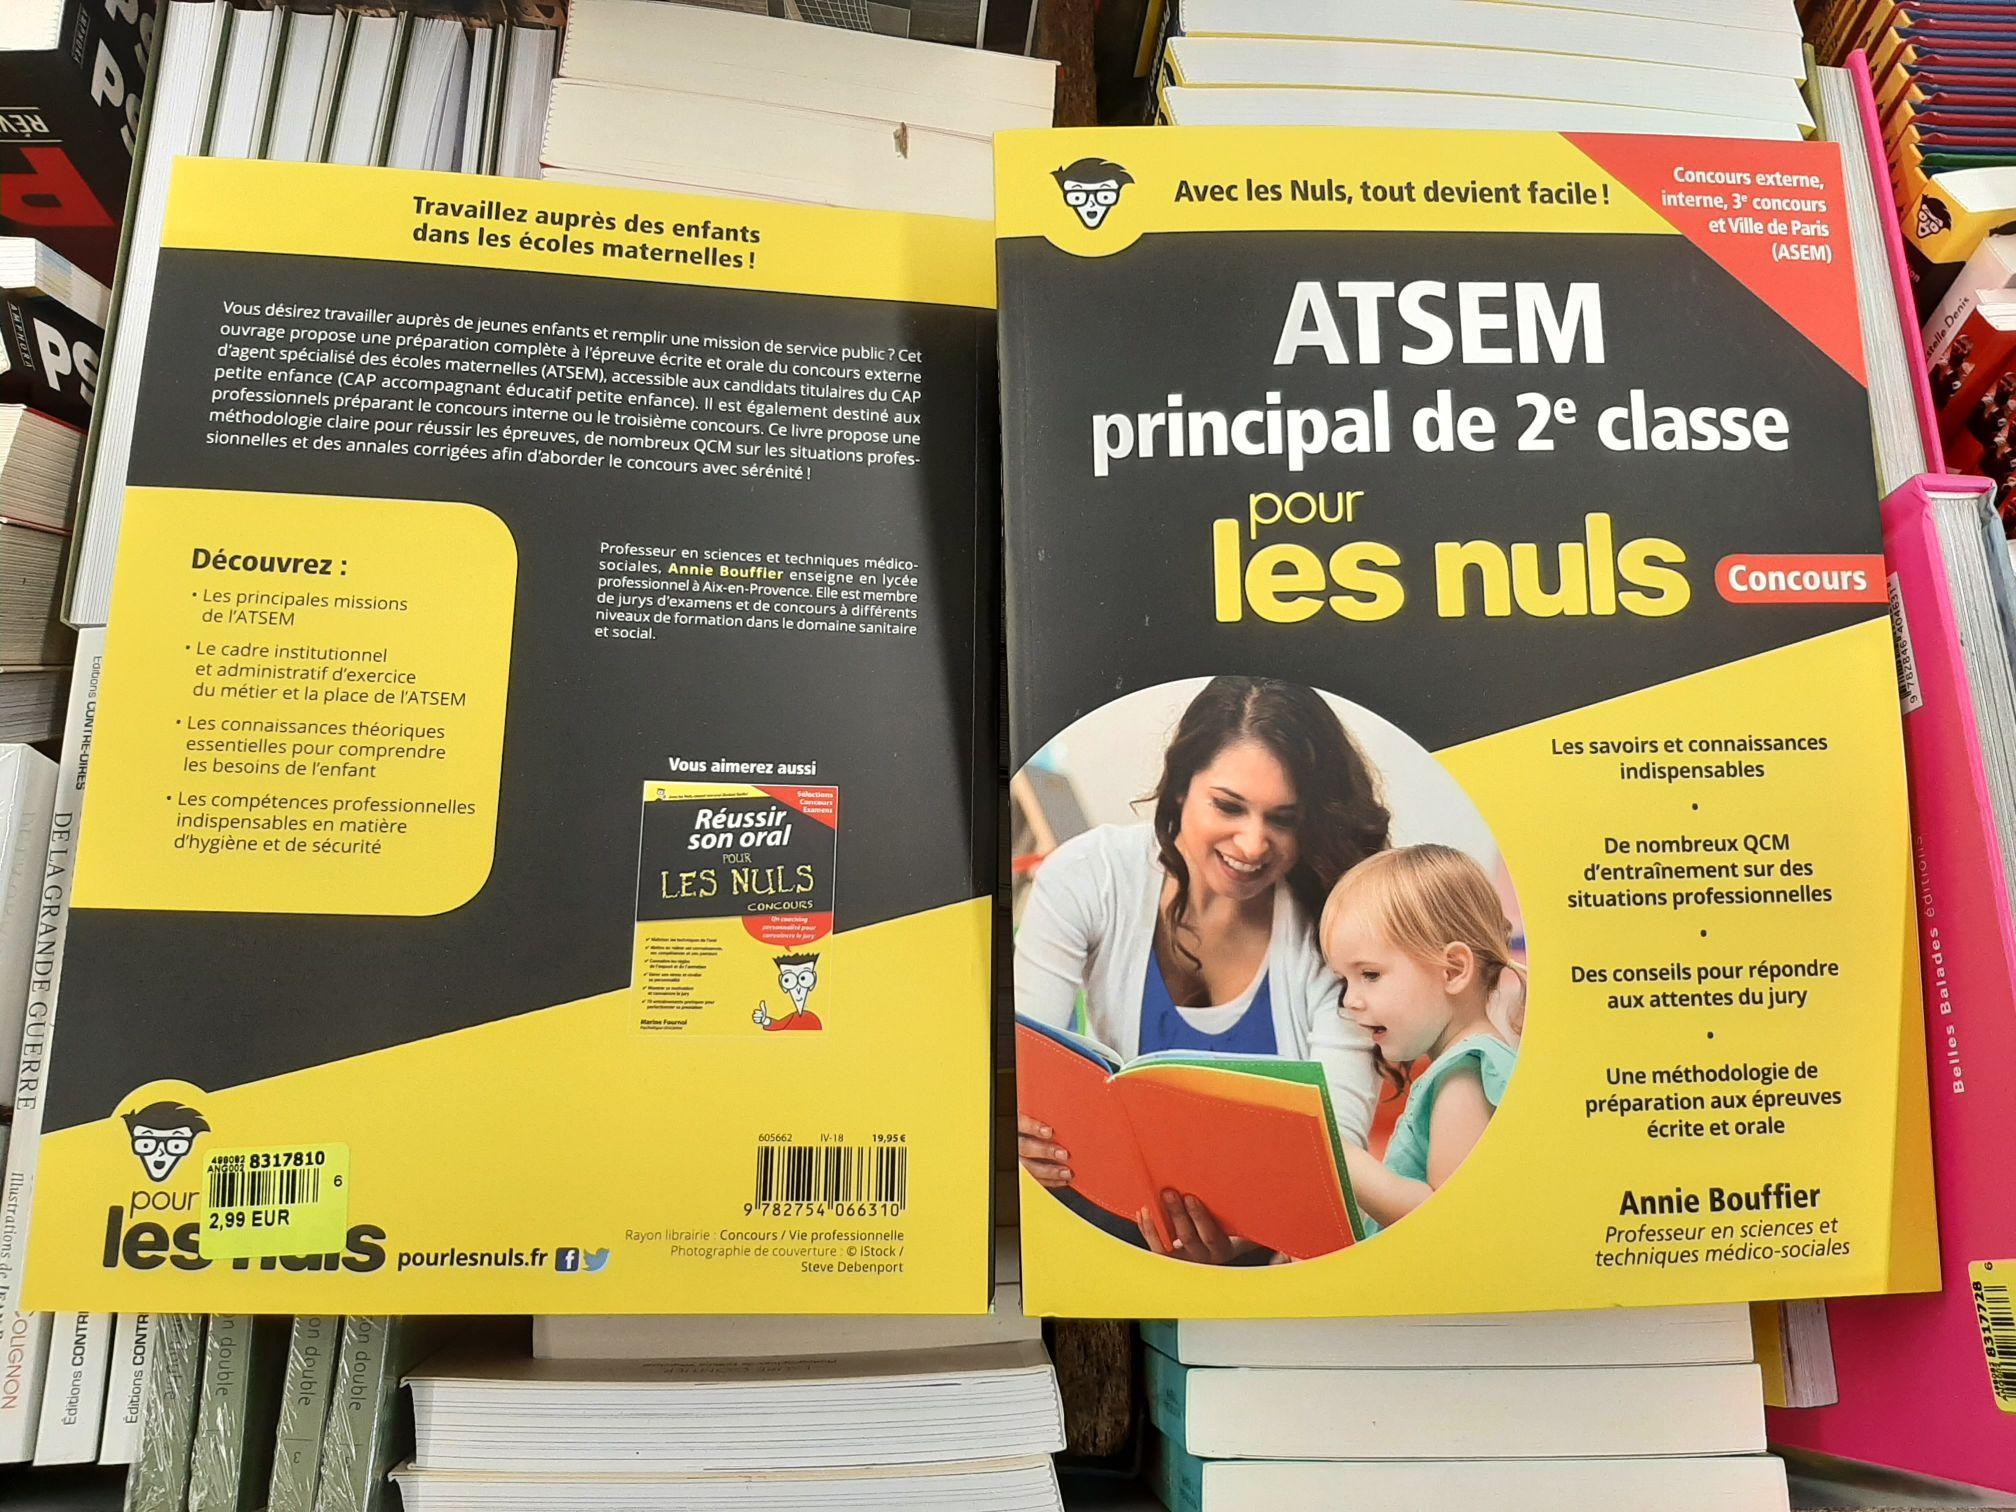 """Livre """"Préparer le concours d'ATSEM principal de 2e classe pour les nuls"""" - Franqueville-Saint-Pierre (76)"""